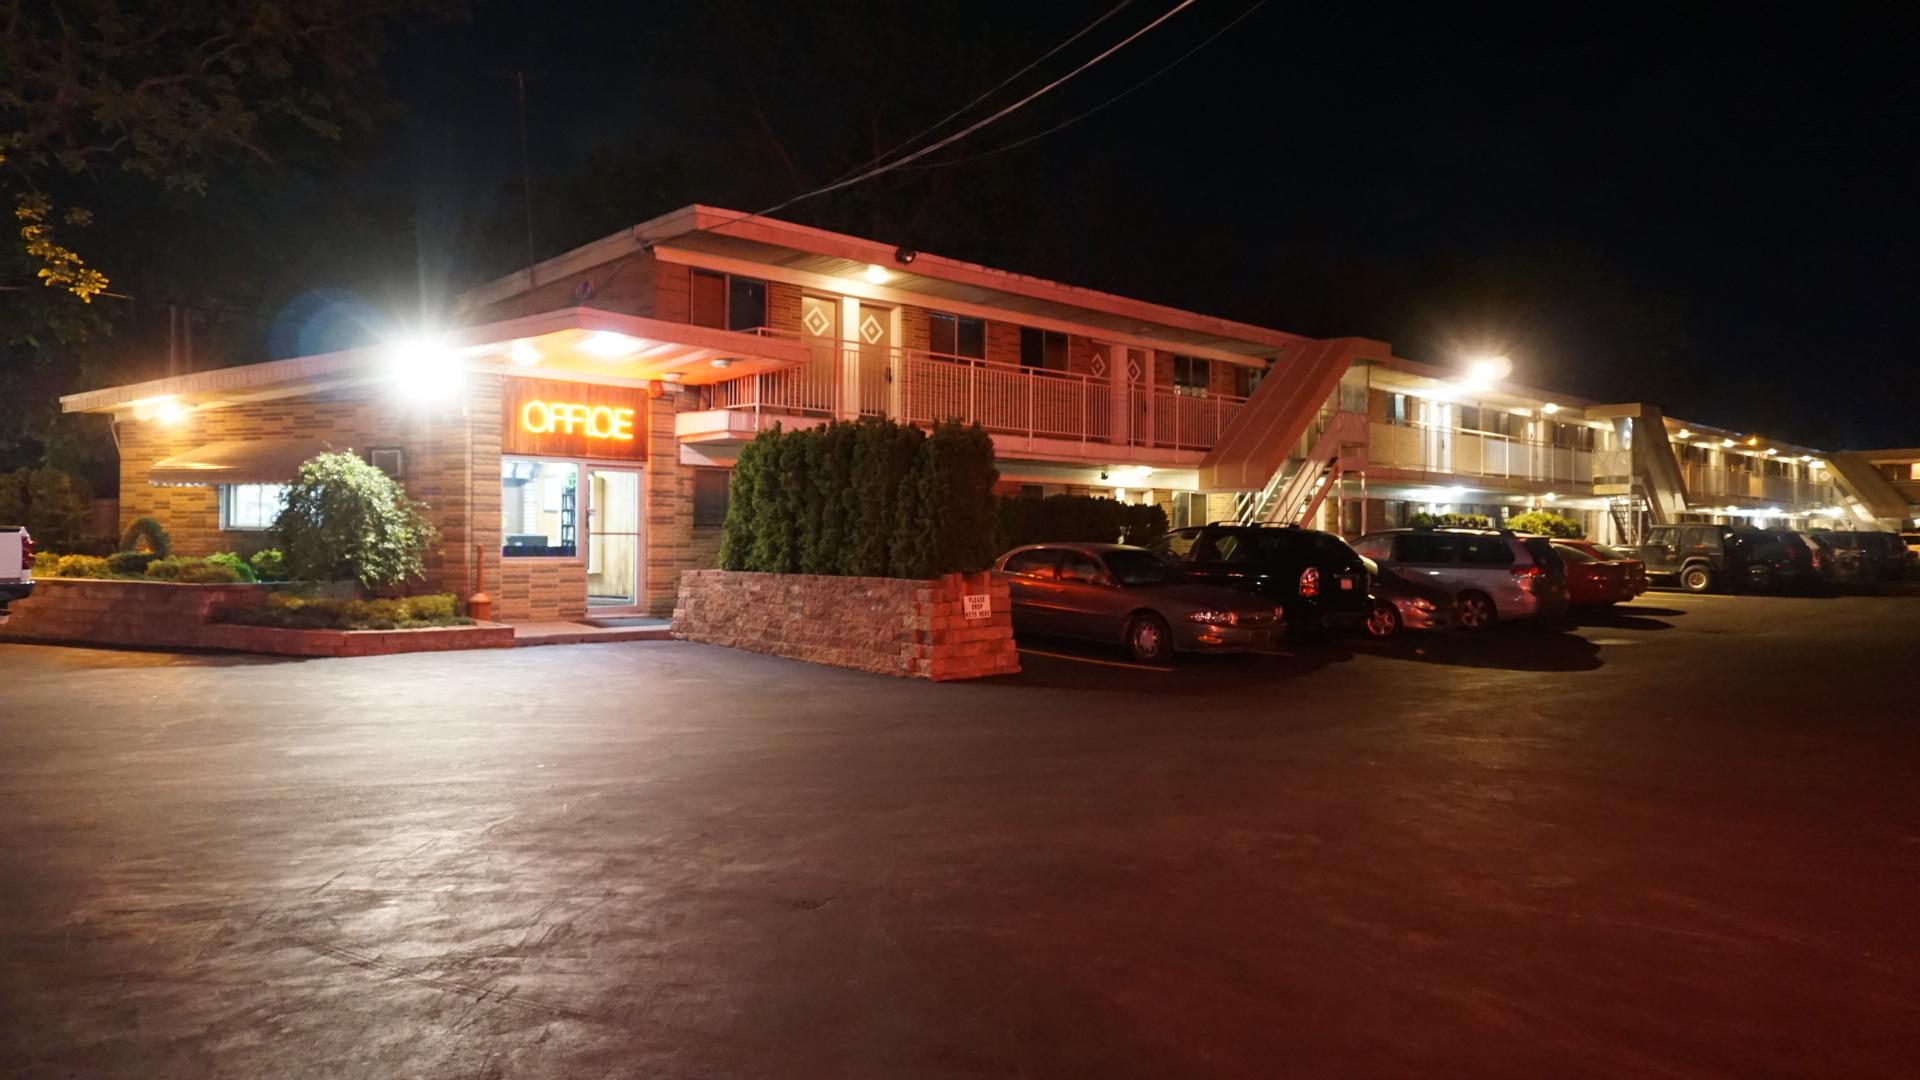 edgewood motel in jericho ny